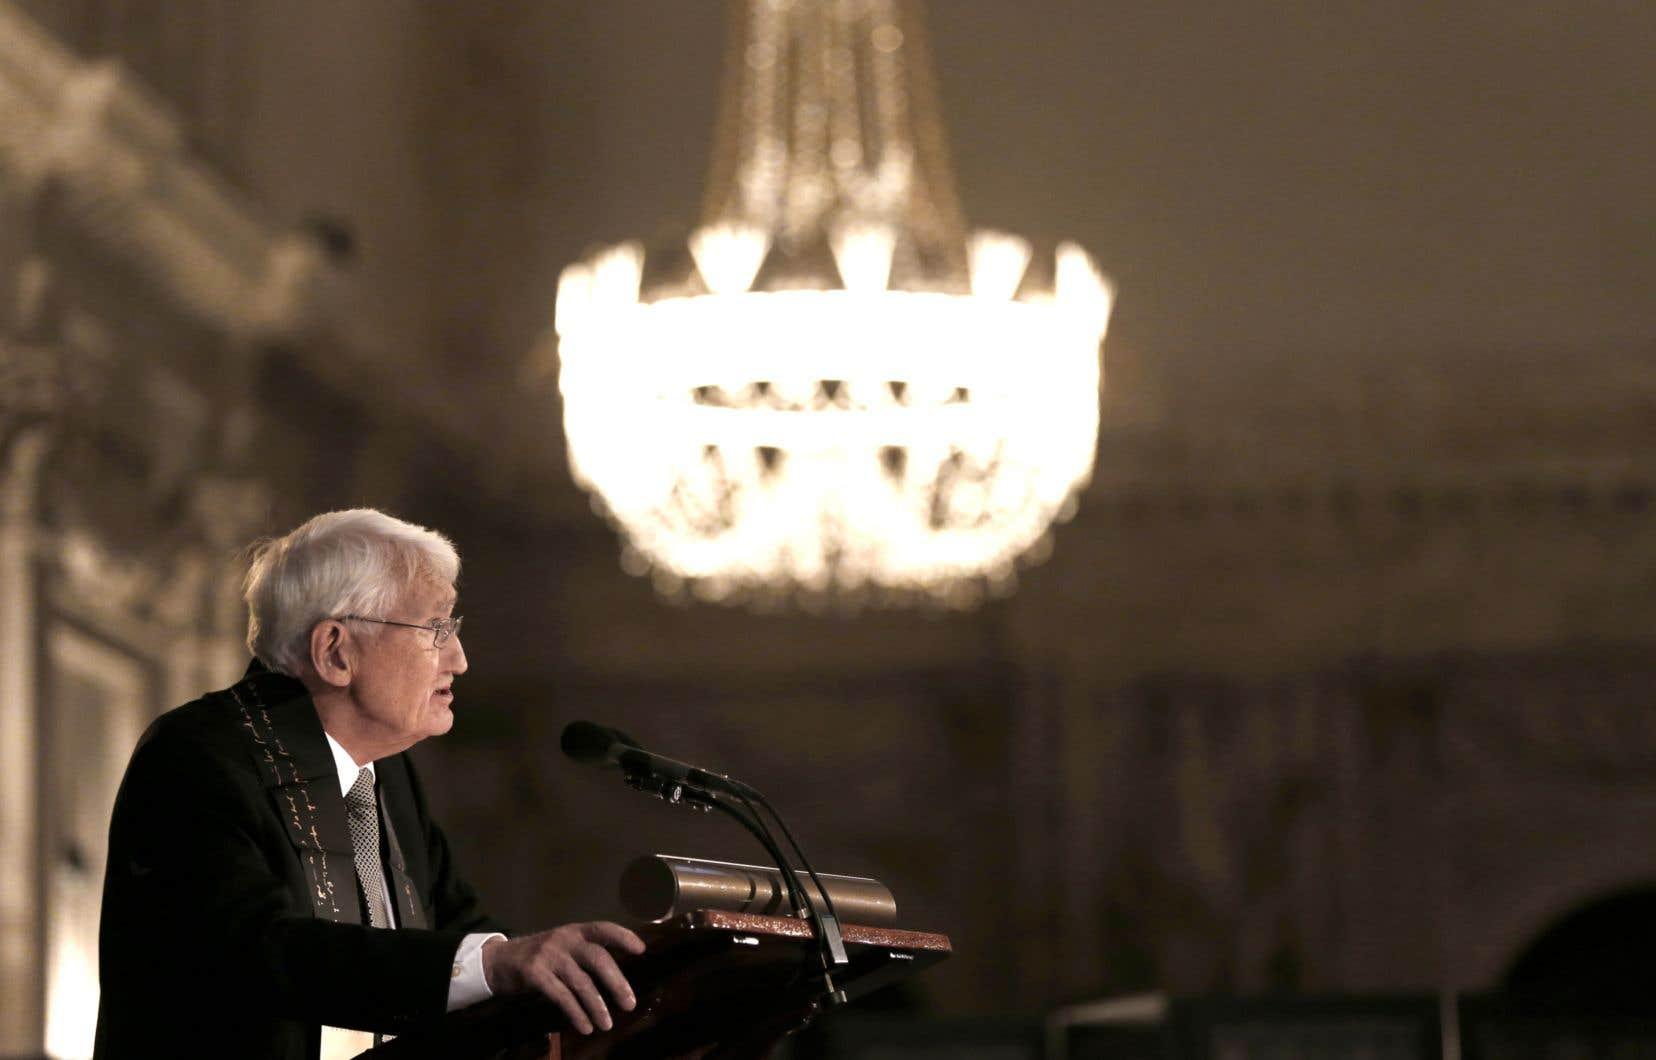 Le philosophe allemand Jürgen Habermas en 2013 alors qu'il livre un discours au palais royal à Amsterdam